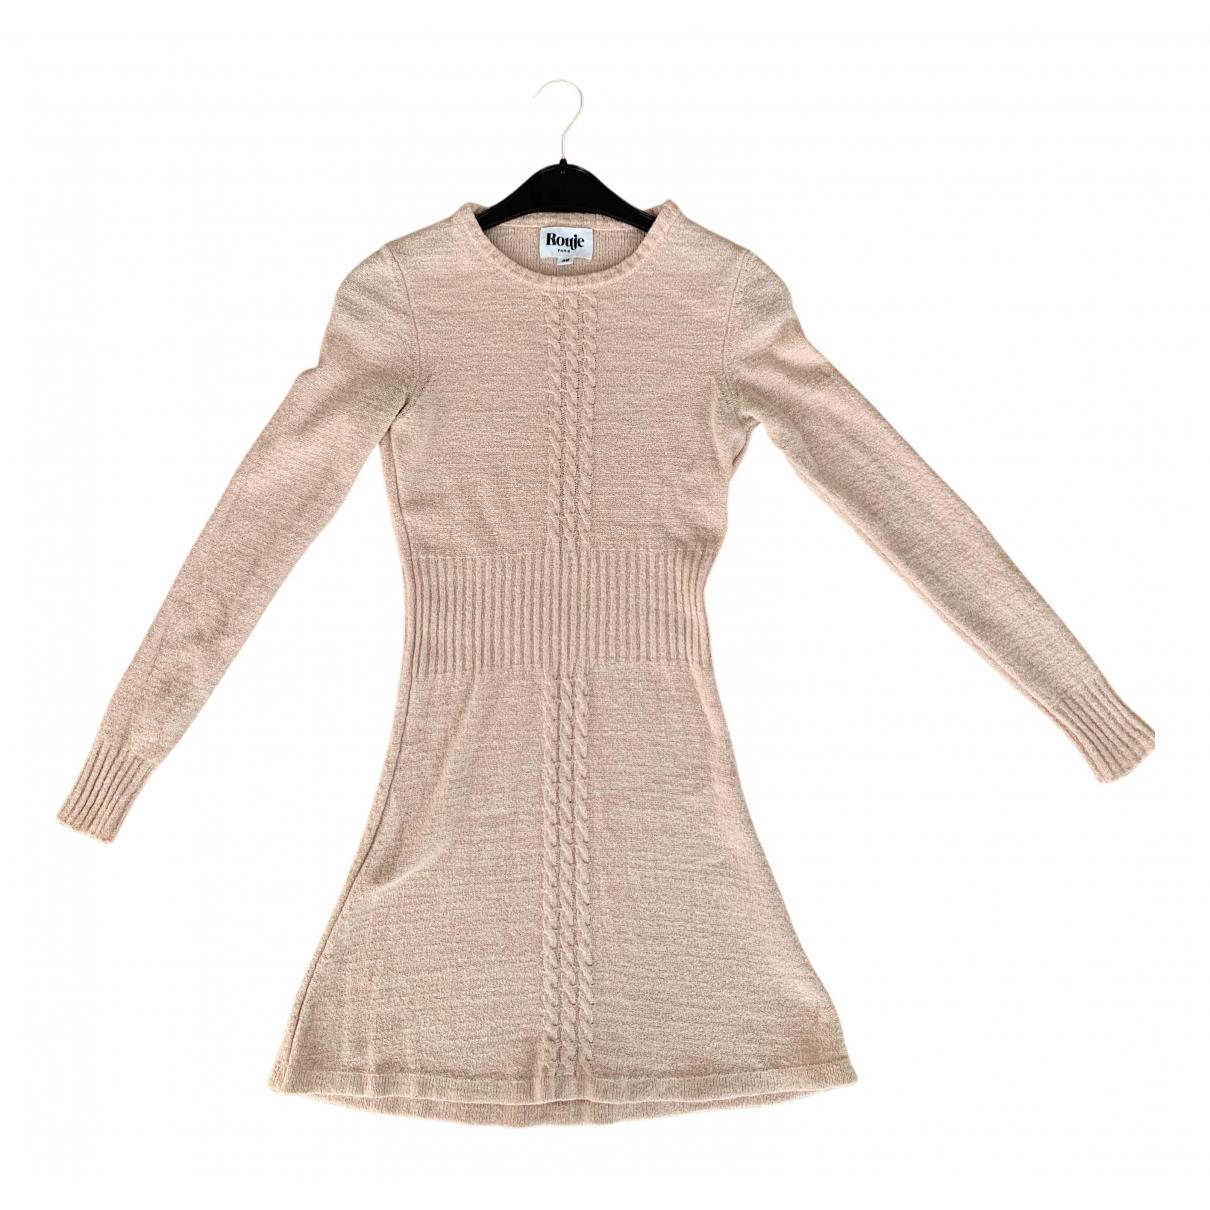 Rouje \N Kleid in  Rosa Wolle